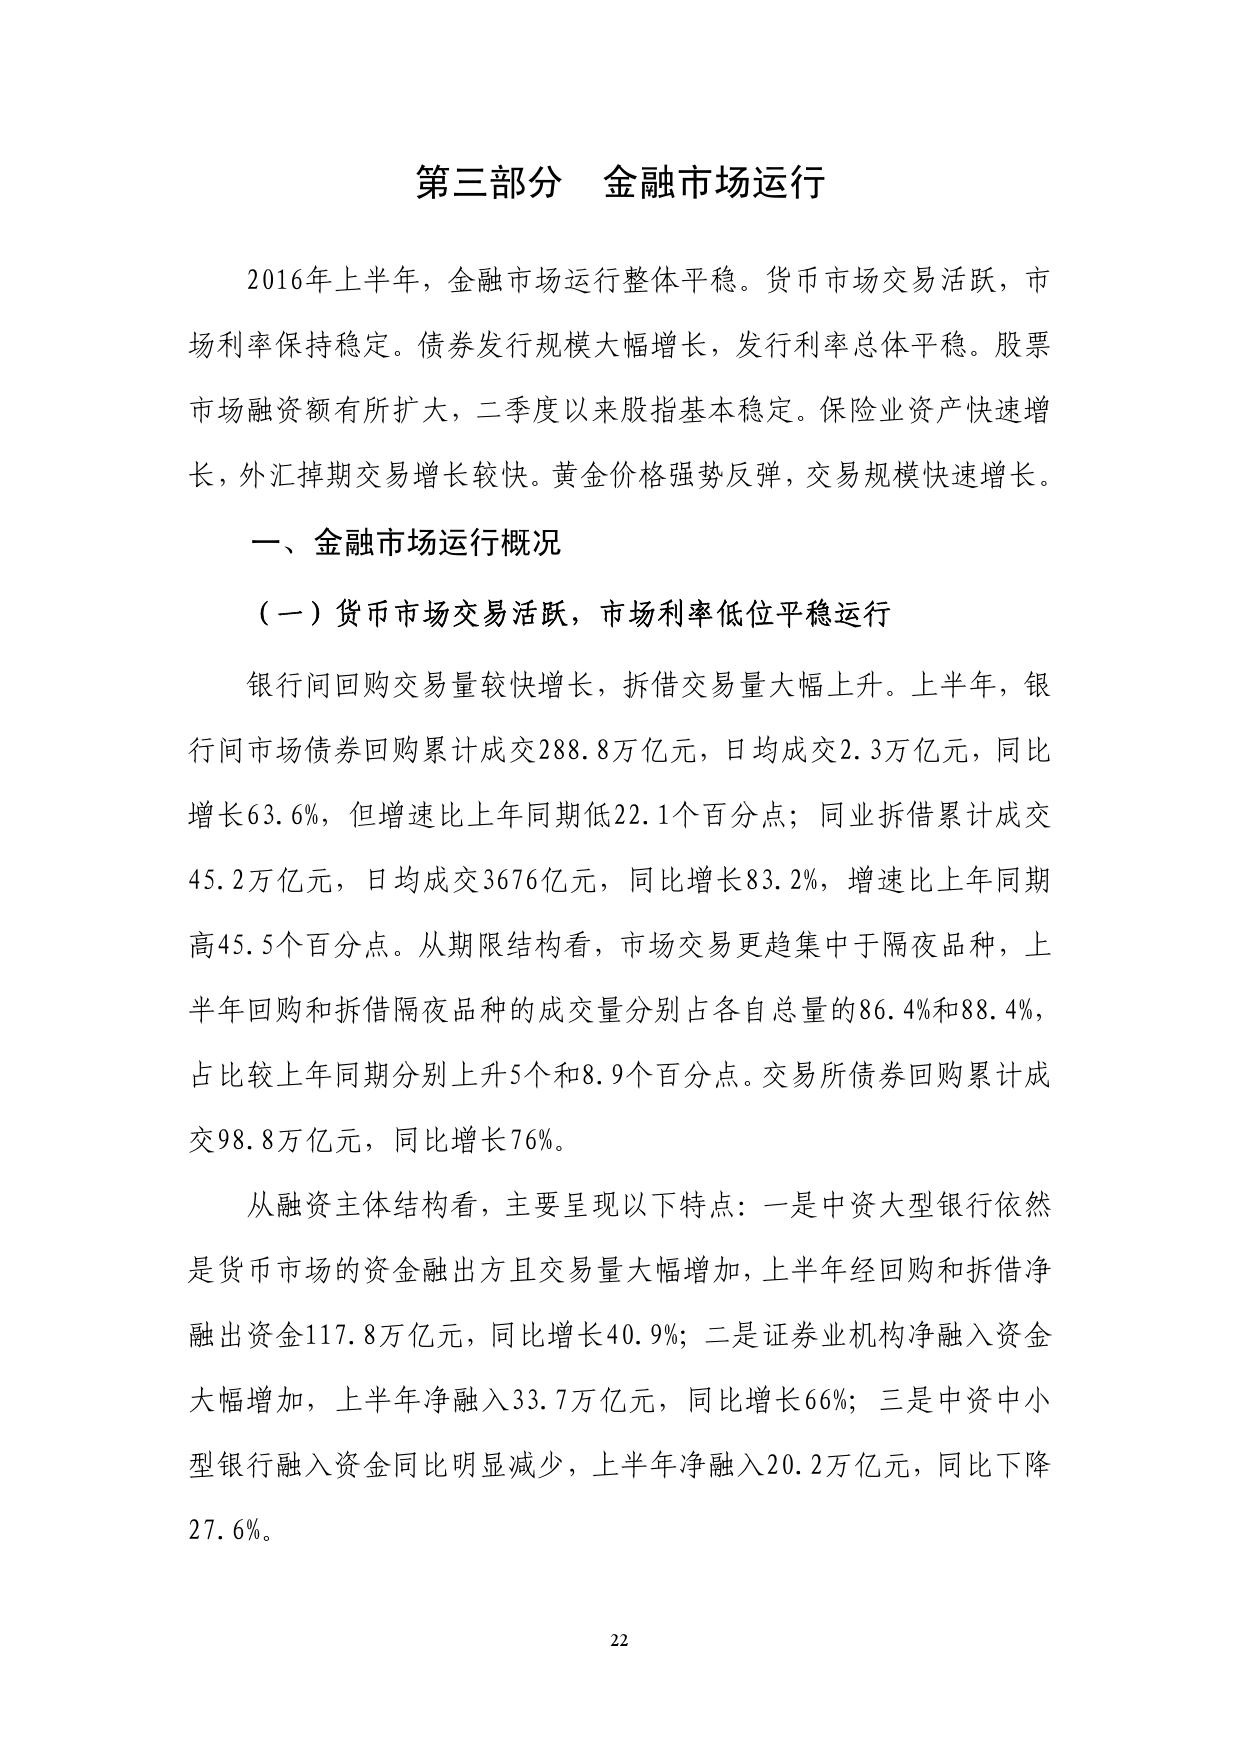 2016年Q2中国货币政策执行报告_000028